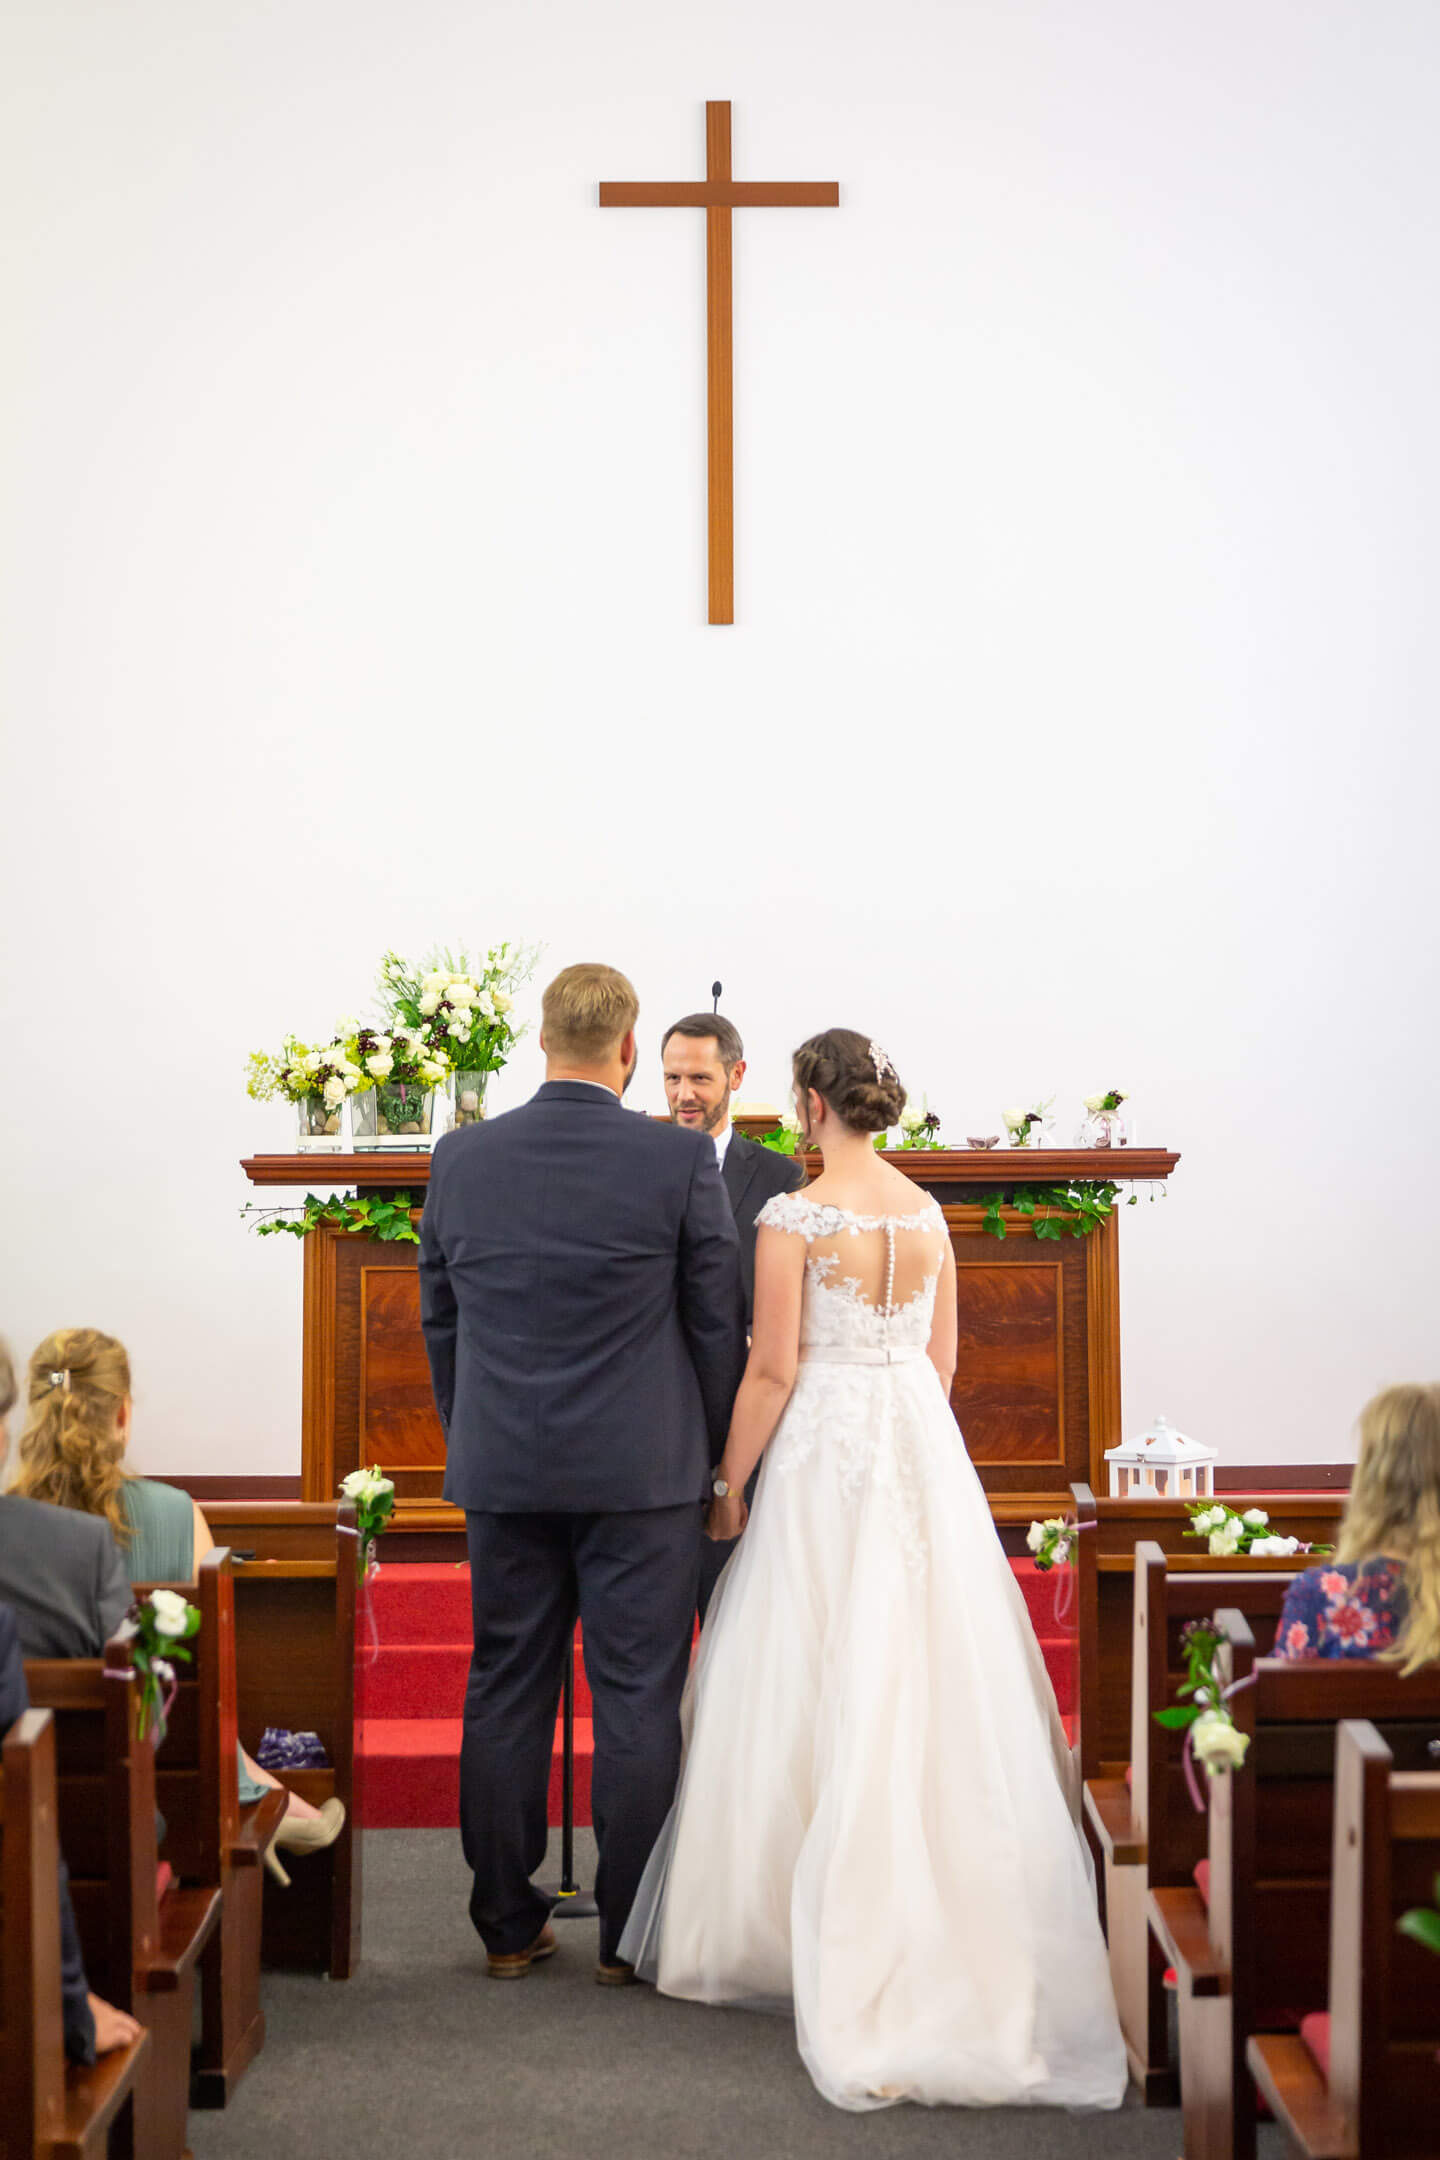 Trauung in der Neuapostolischen Kirche